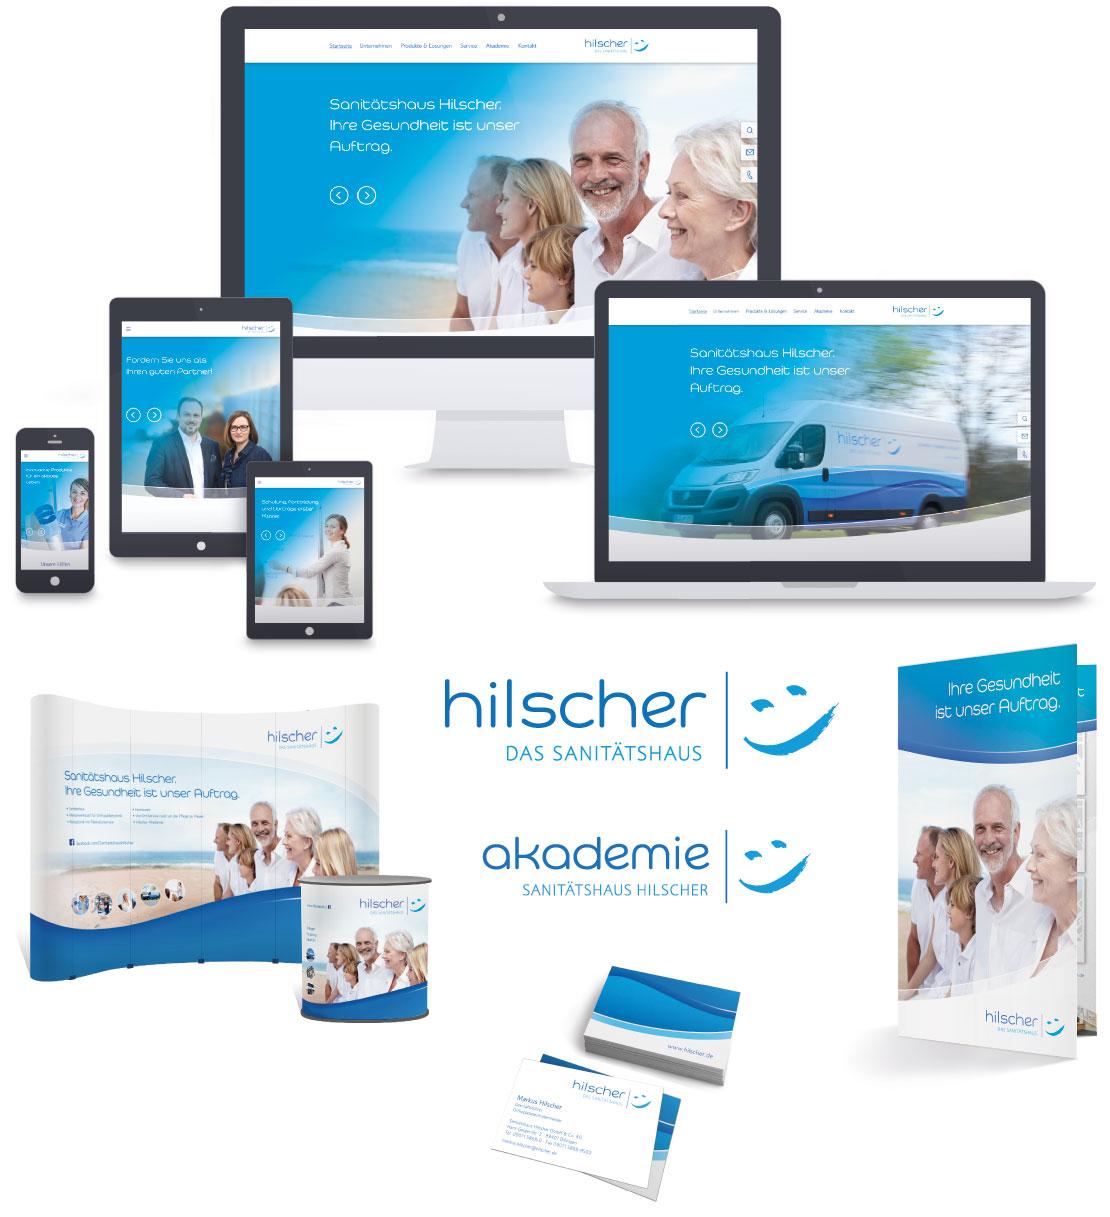 Sanitätshaus Hilscher – Sammlung umgesetzter Werbemittel